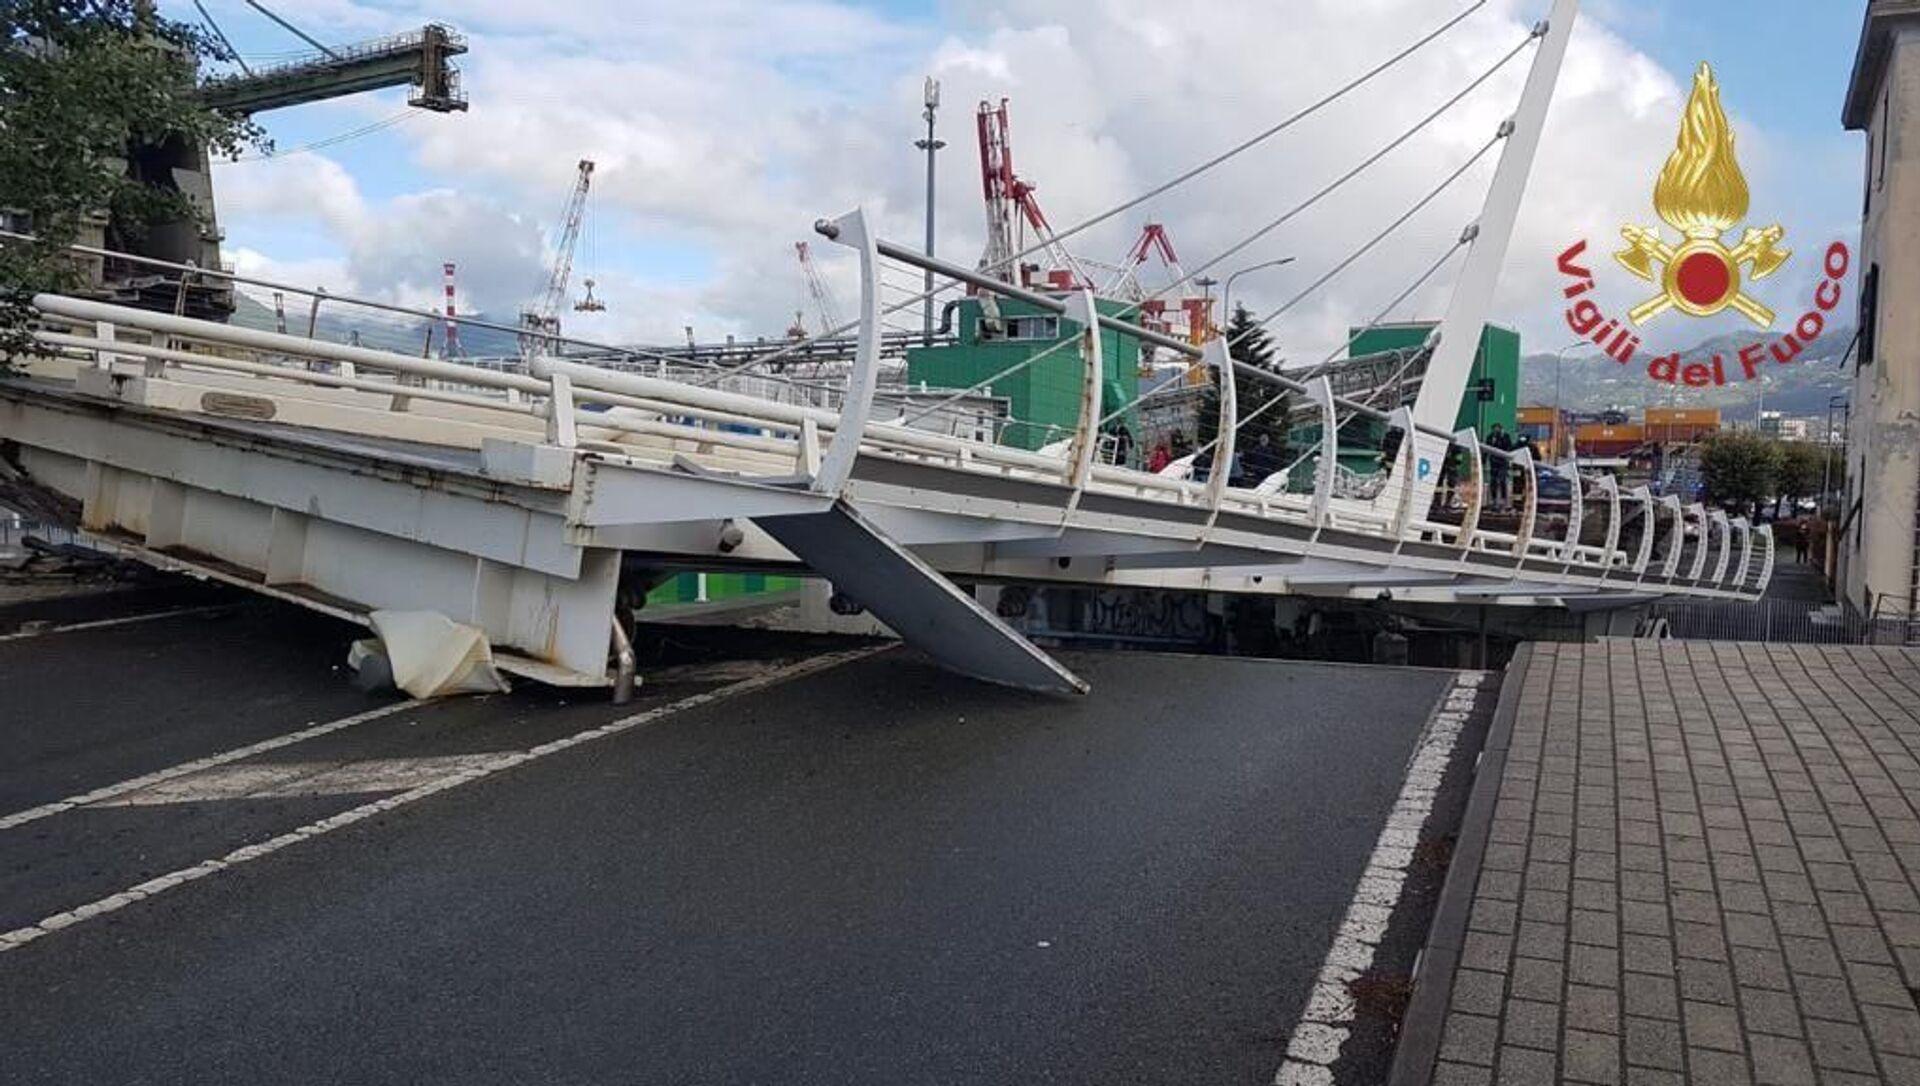 Crollo del ponte levatoio della Darsena di Pagliari, La Spezia - Sputnik Italia, 1920, 12.05.2021